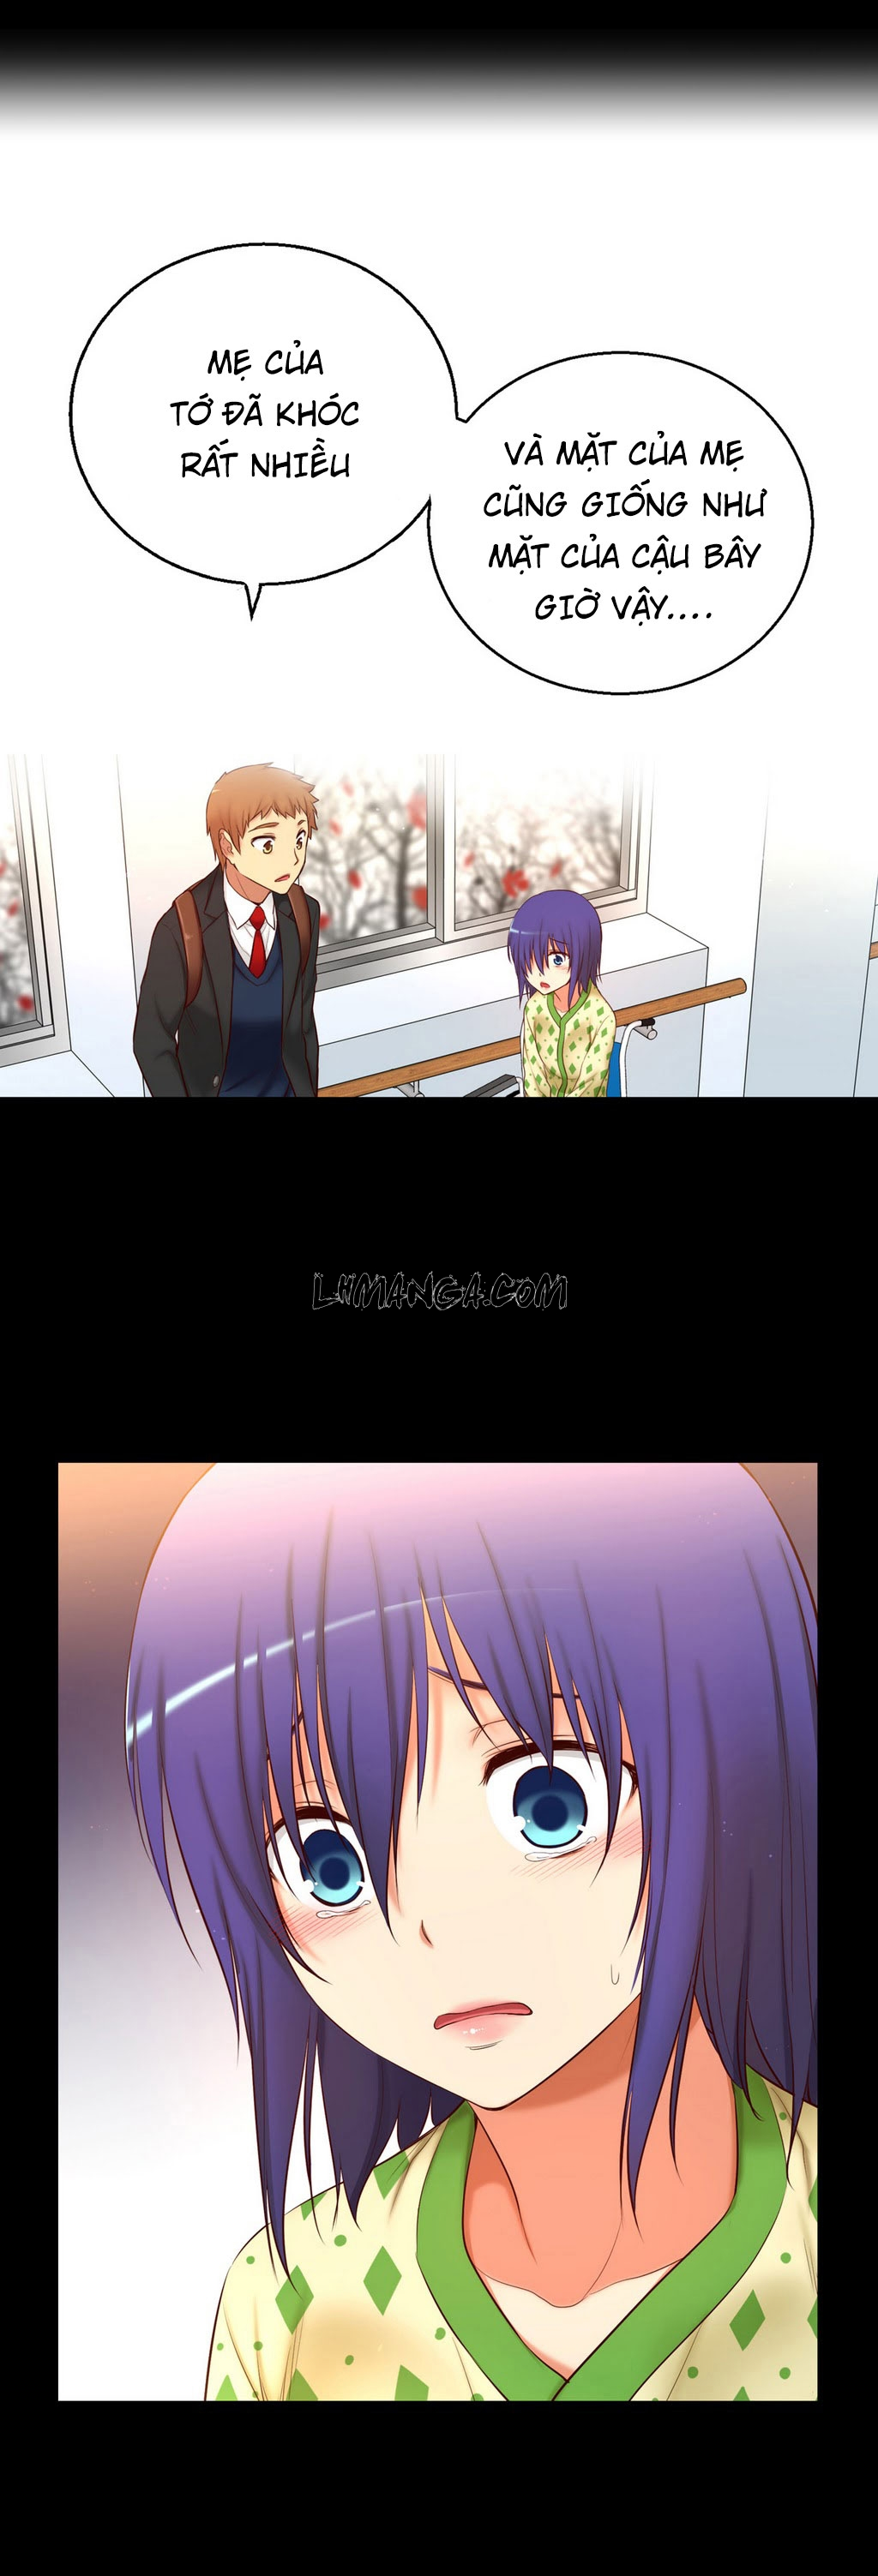 Hình ảnh HINH_00026 in [Siêu phẩm Hentai] Little Girl Full